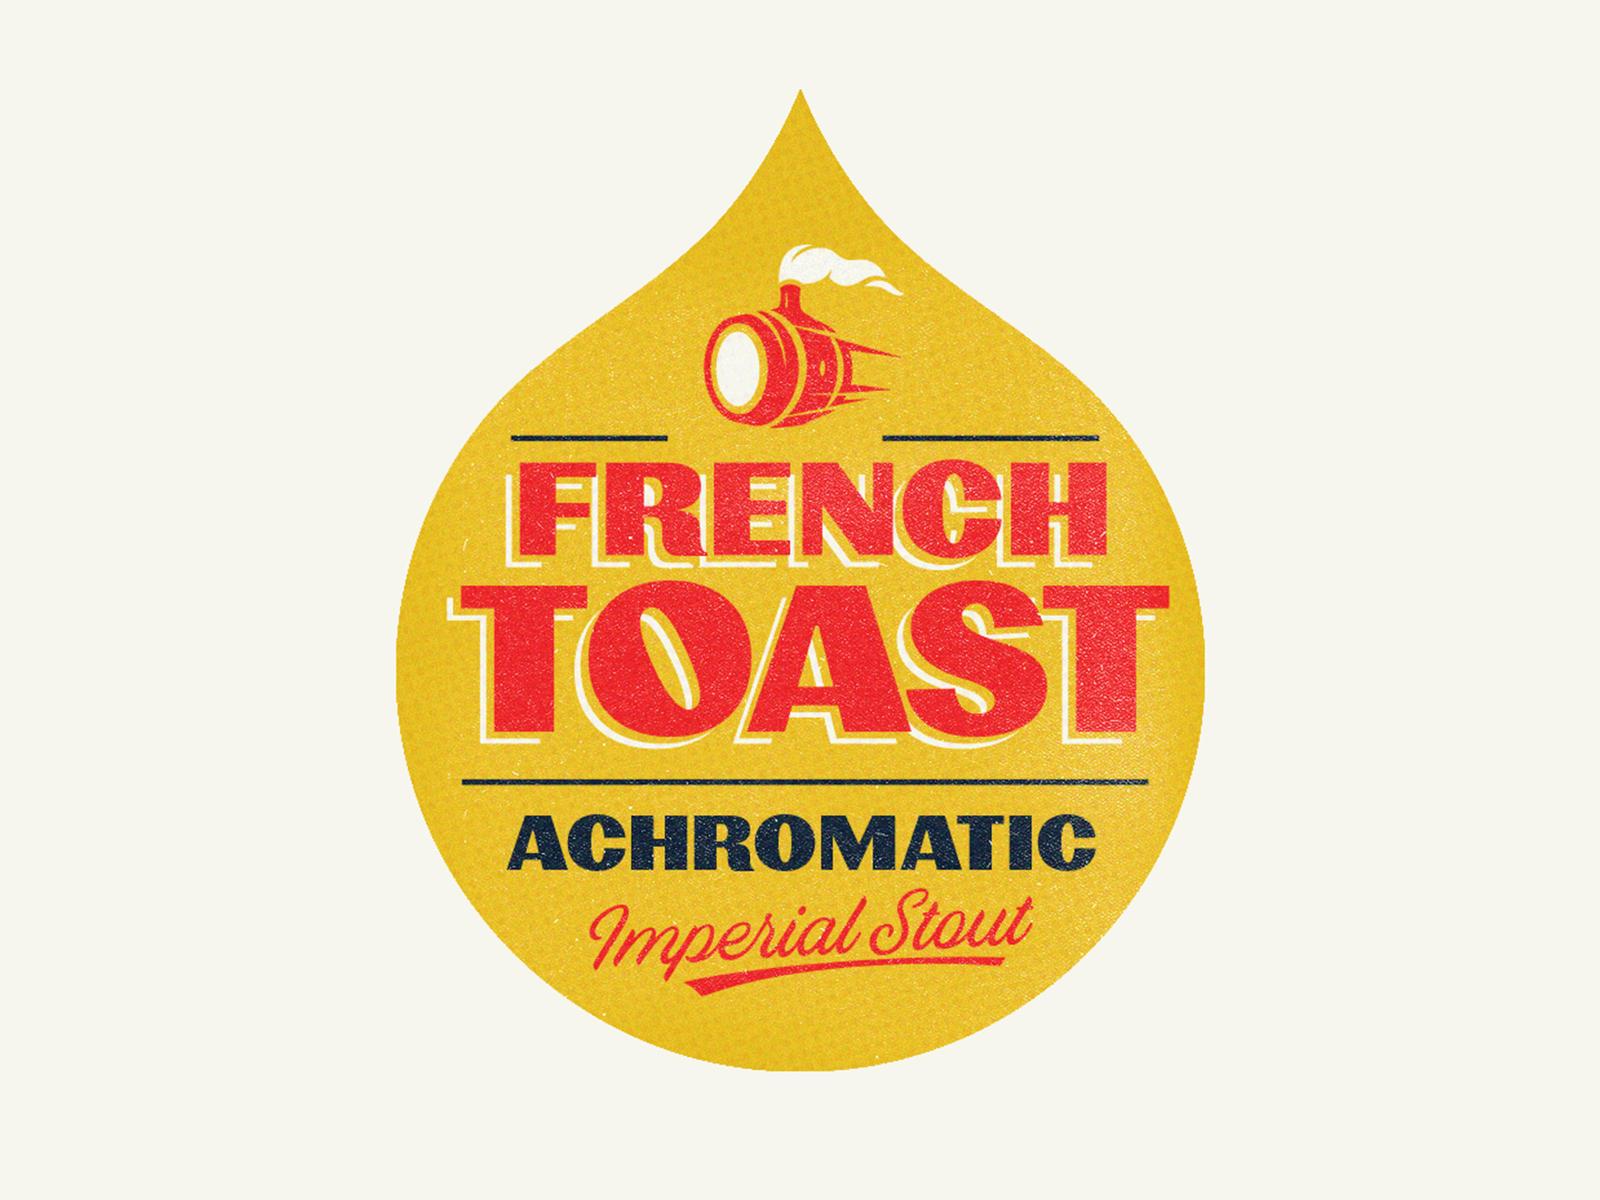 Ww french toast 4x